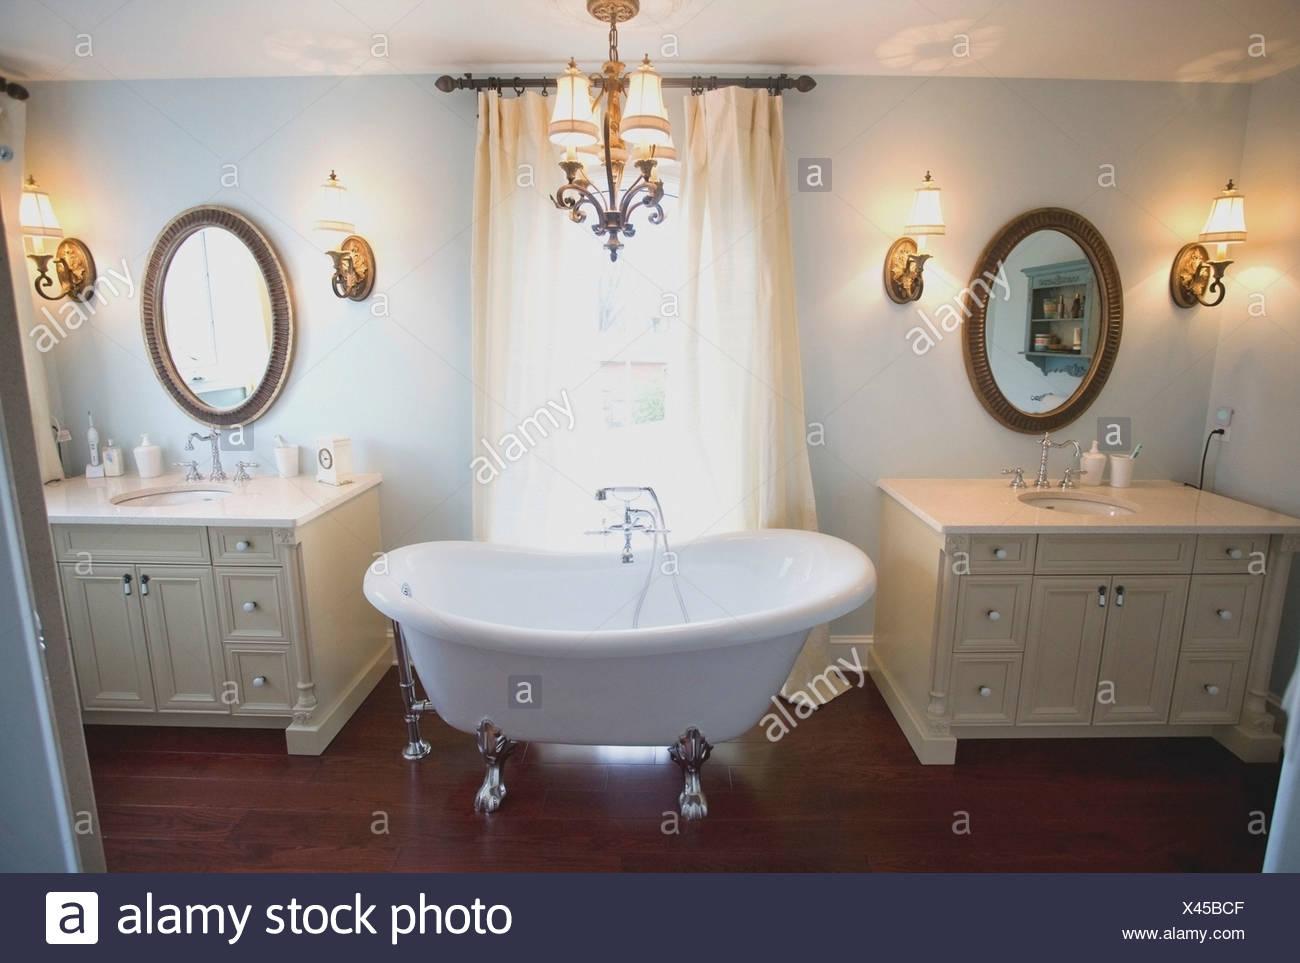 acrylic prod bathtub primo tub hydromassage double jacuzzi product corner